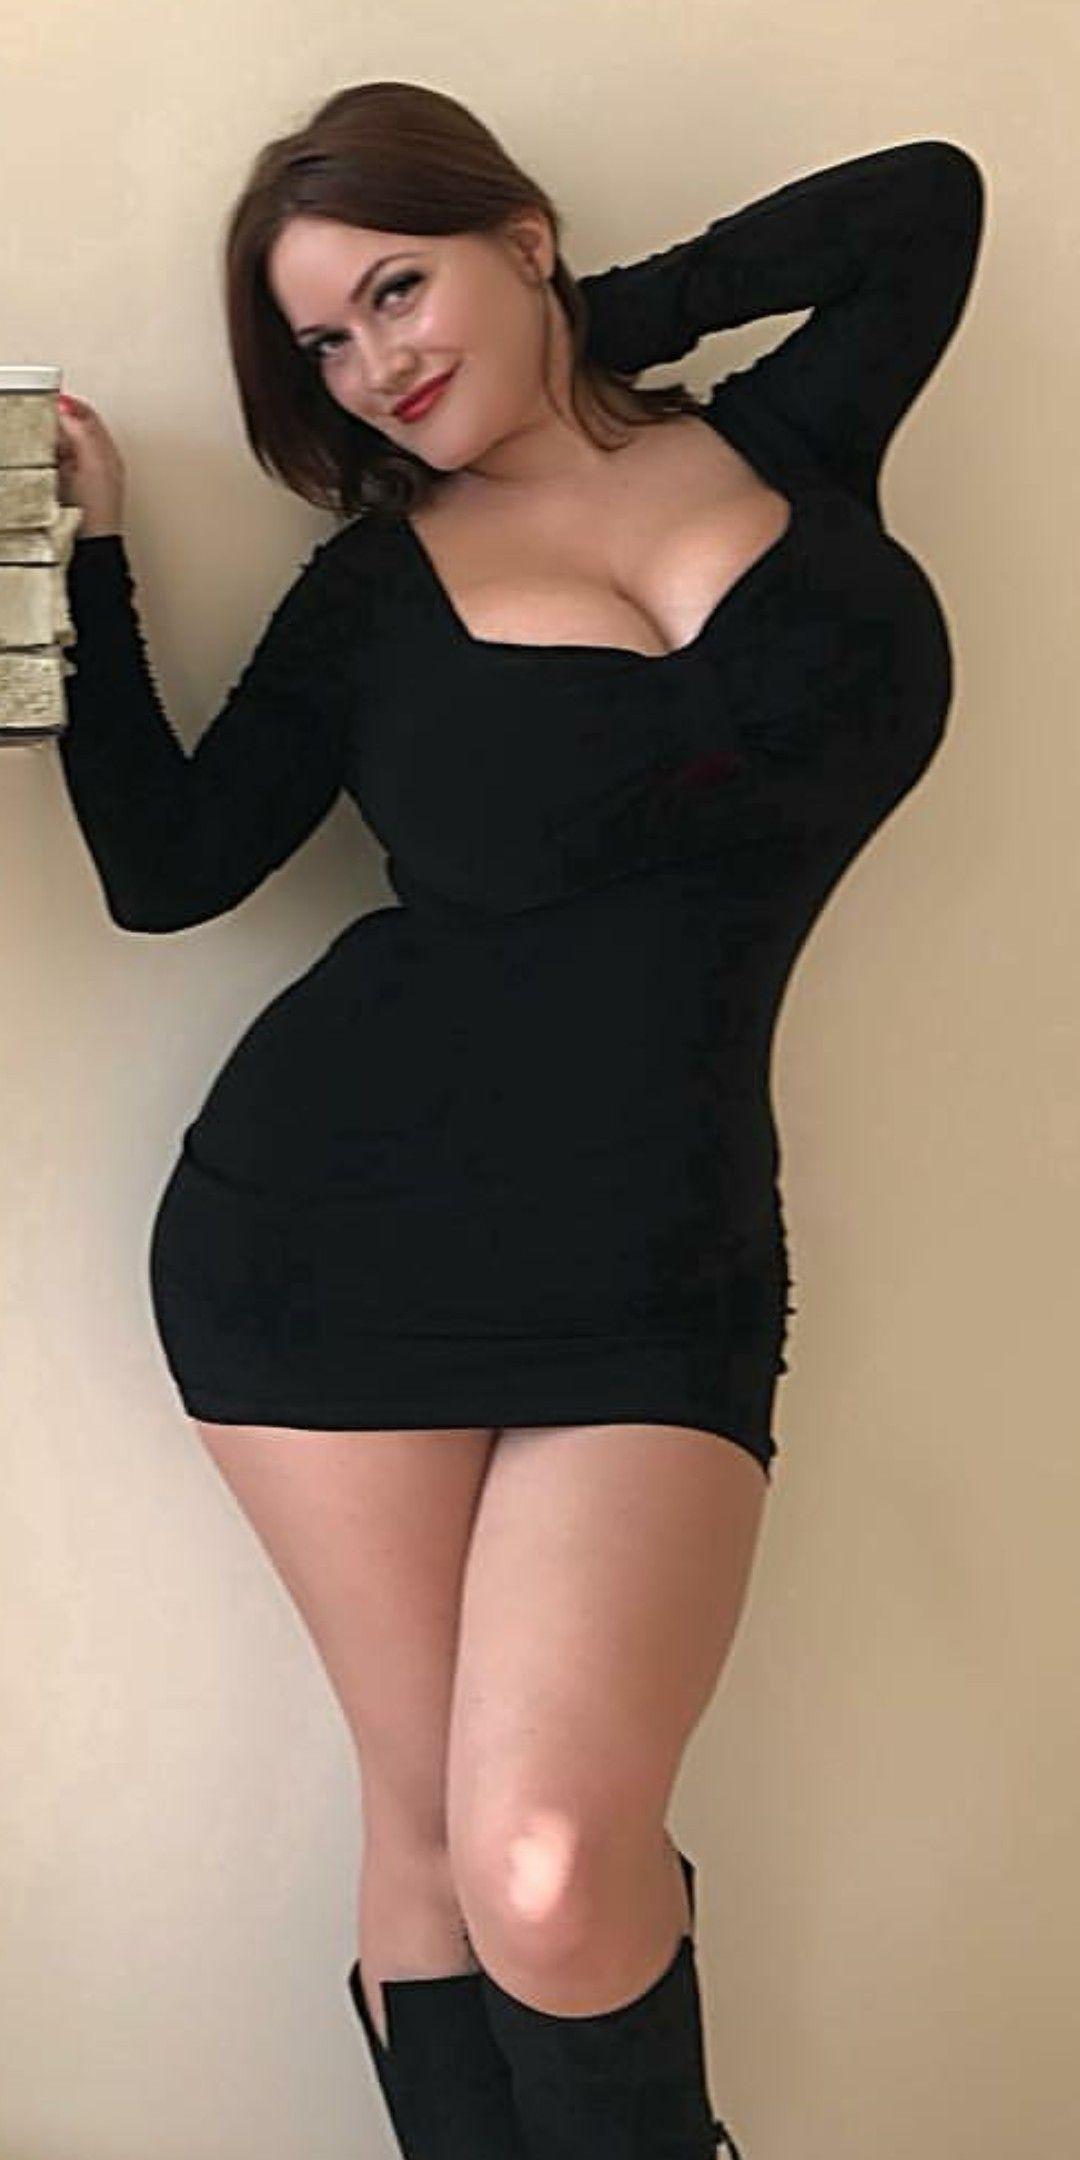 Sexy Thick White Girl Twerking